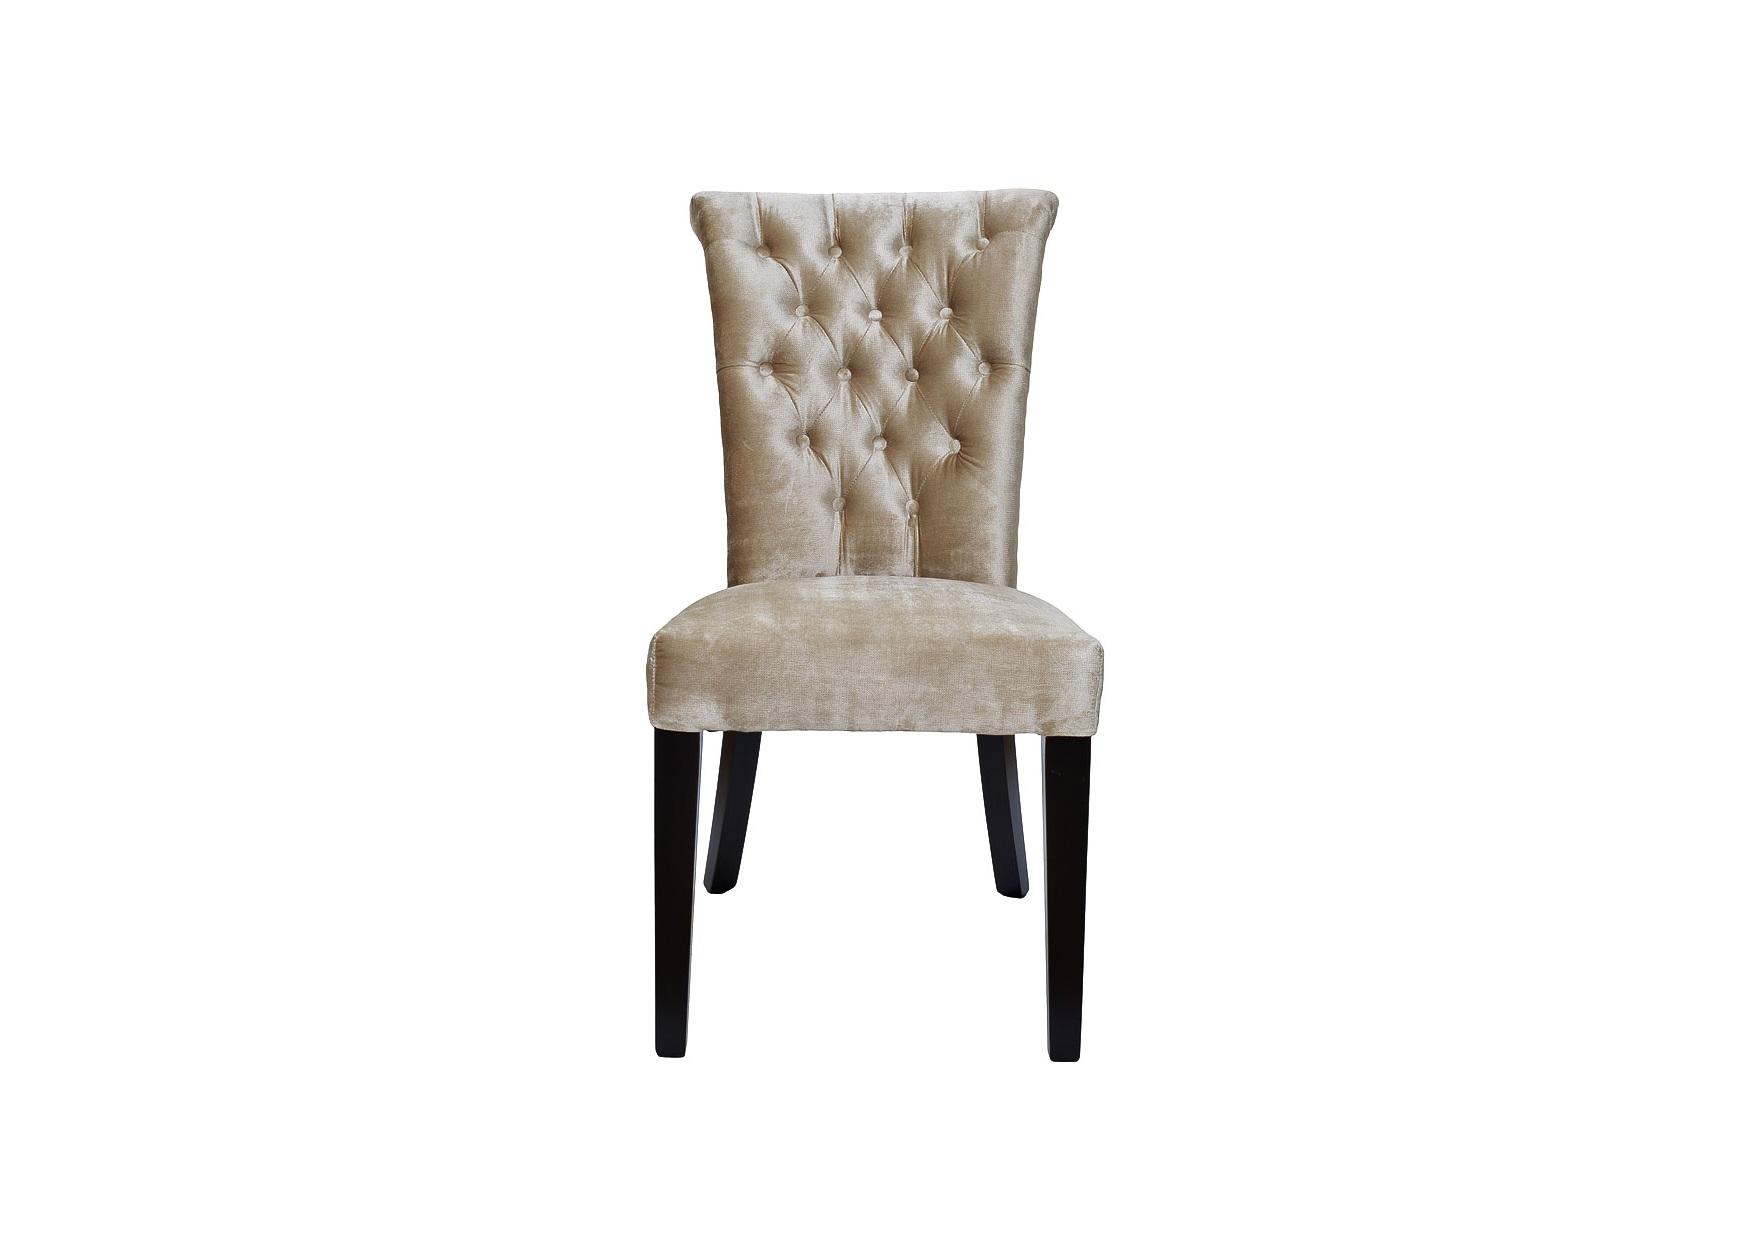 Стул с кольцомОбеденные стулья<br>Такой стул, отличающийся элитарностью, послужит лучшим дополнением для спальни, столовой или гостиной в стиле ар деко. Эффектная обивка из фактурного бархата бежевого цвета позволяет ему выглядеть ярко. Детали вроде каретной стяжки и аккуратного кольца на спинке придают дизайну классическое очарование. Легкая асимметрия передних и задних ножек не нарушает правильных пропорций, одновременно добавляя силуэту оригинальность.&amp;amp;nbsp;&amp;lt;div&amp;gt;&amp;lt;br&amp;gt;&amp;lt;/div&amp;gt;&amp;lt;div&amp;gt;Материалы: бархат фактурный бежевый, деревянные ножки темно-коричневого цвета.&amp;lt;/div&amp;gt;<br><br>Material: Бархат<br>Ширина см: 47<br>Высота см: 98<br>Глубина см: 52